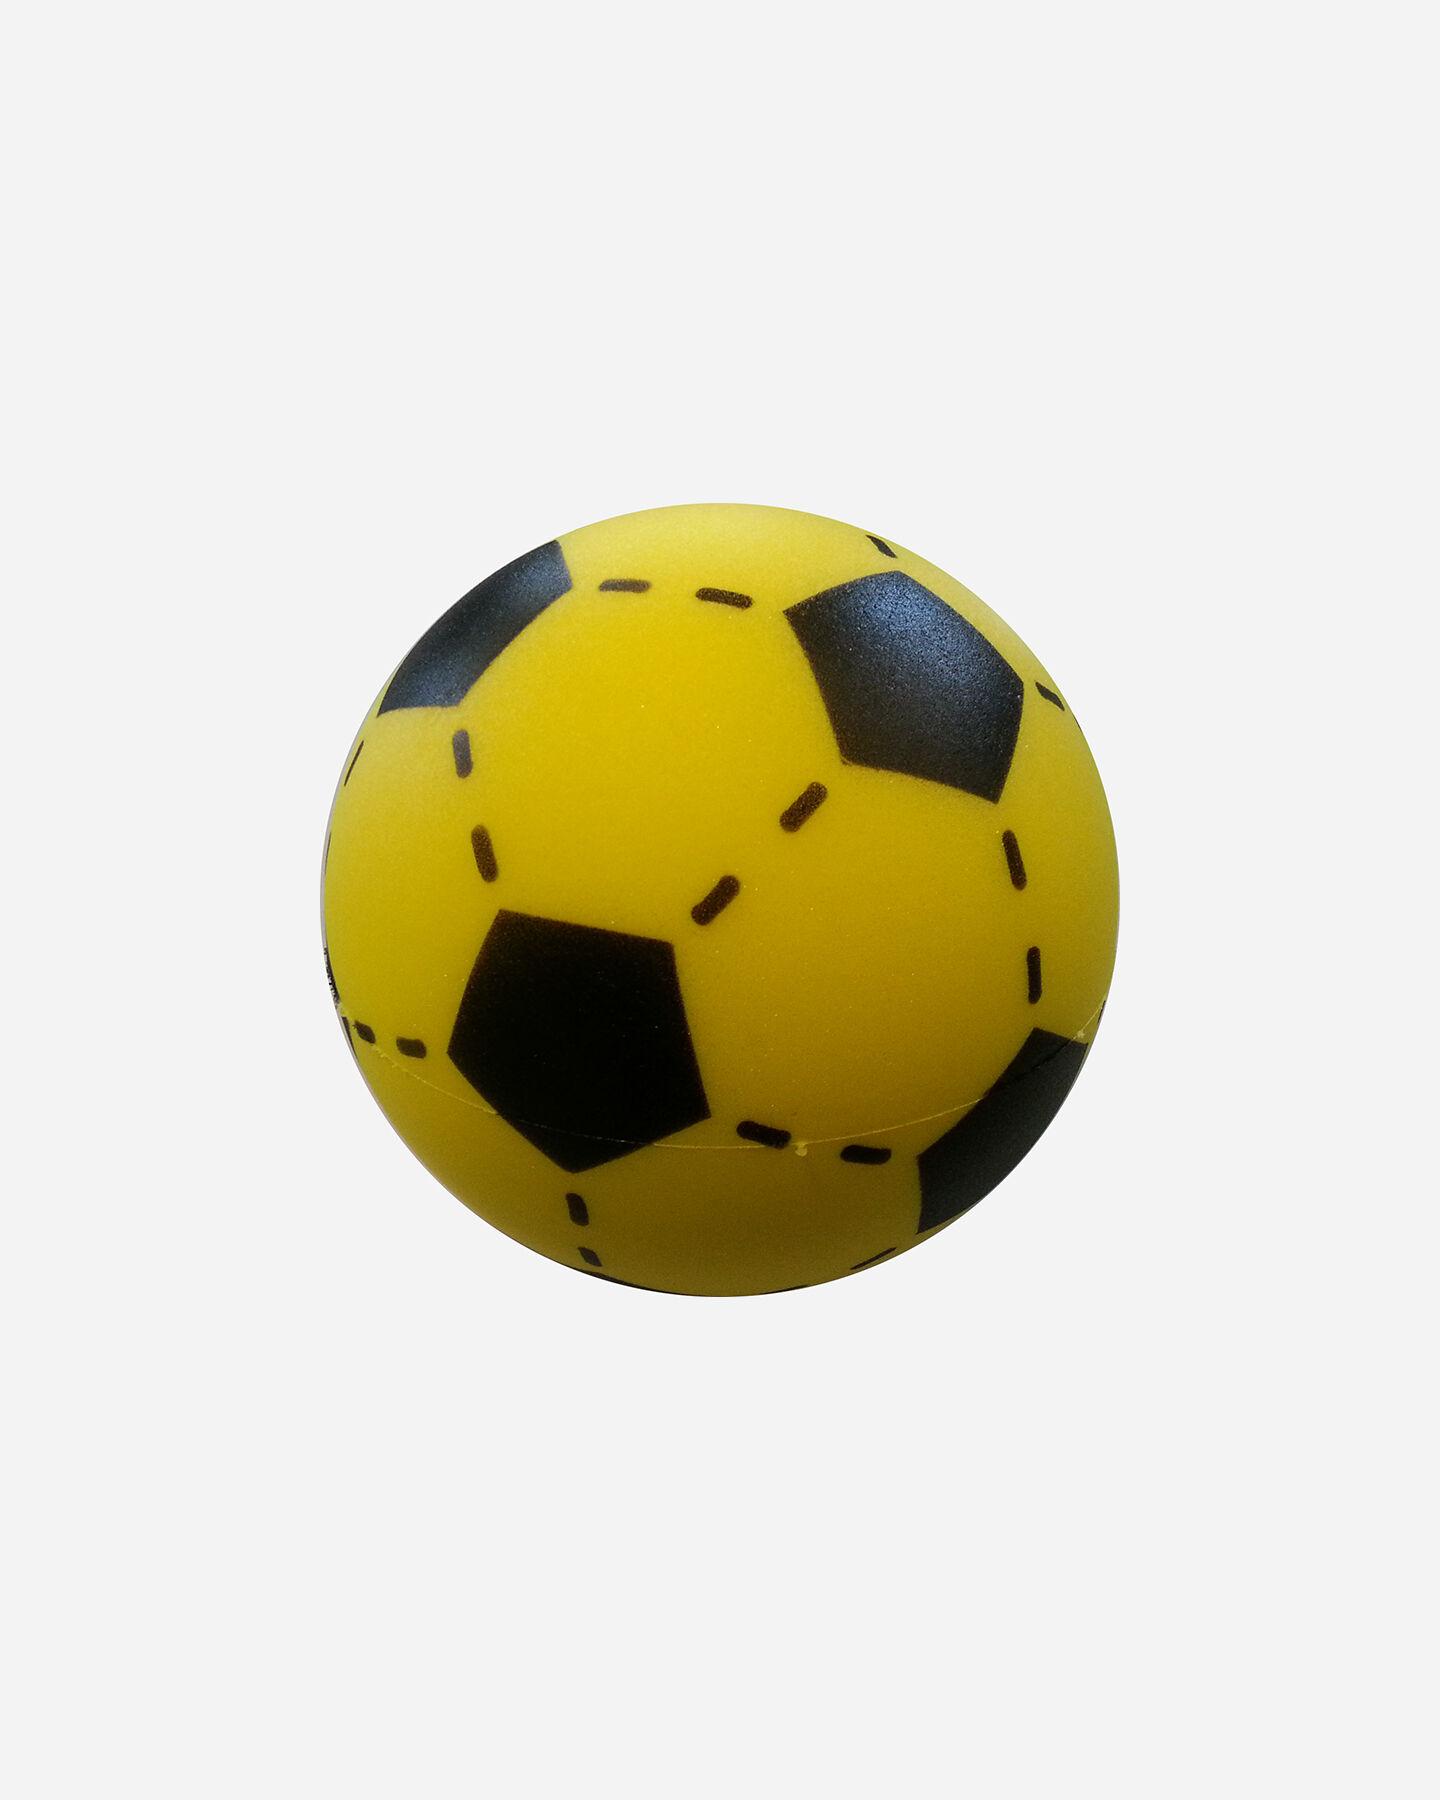 Pallone sport vari ATABIANO PALLA SPUGNA D200 S4003302 1 UNI scatto 0